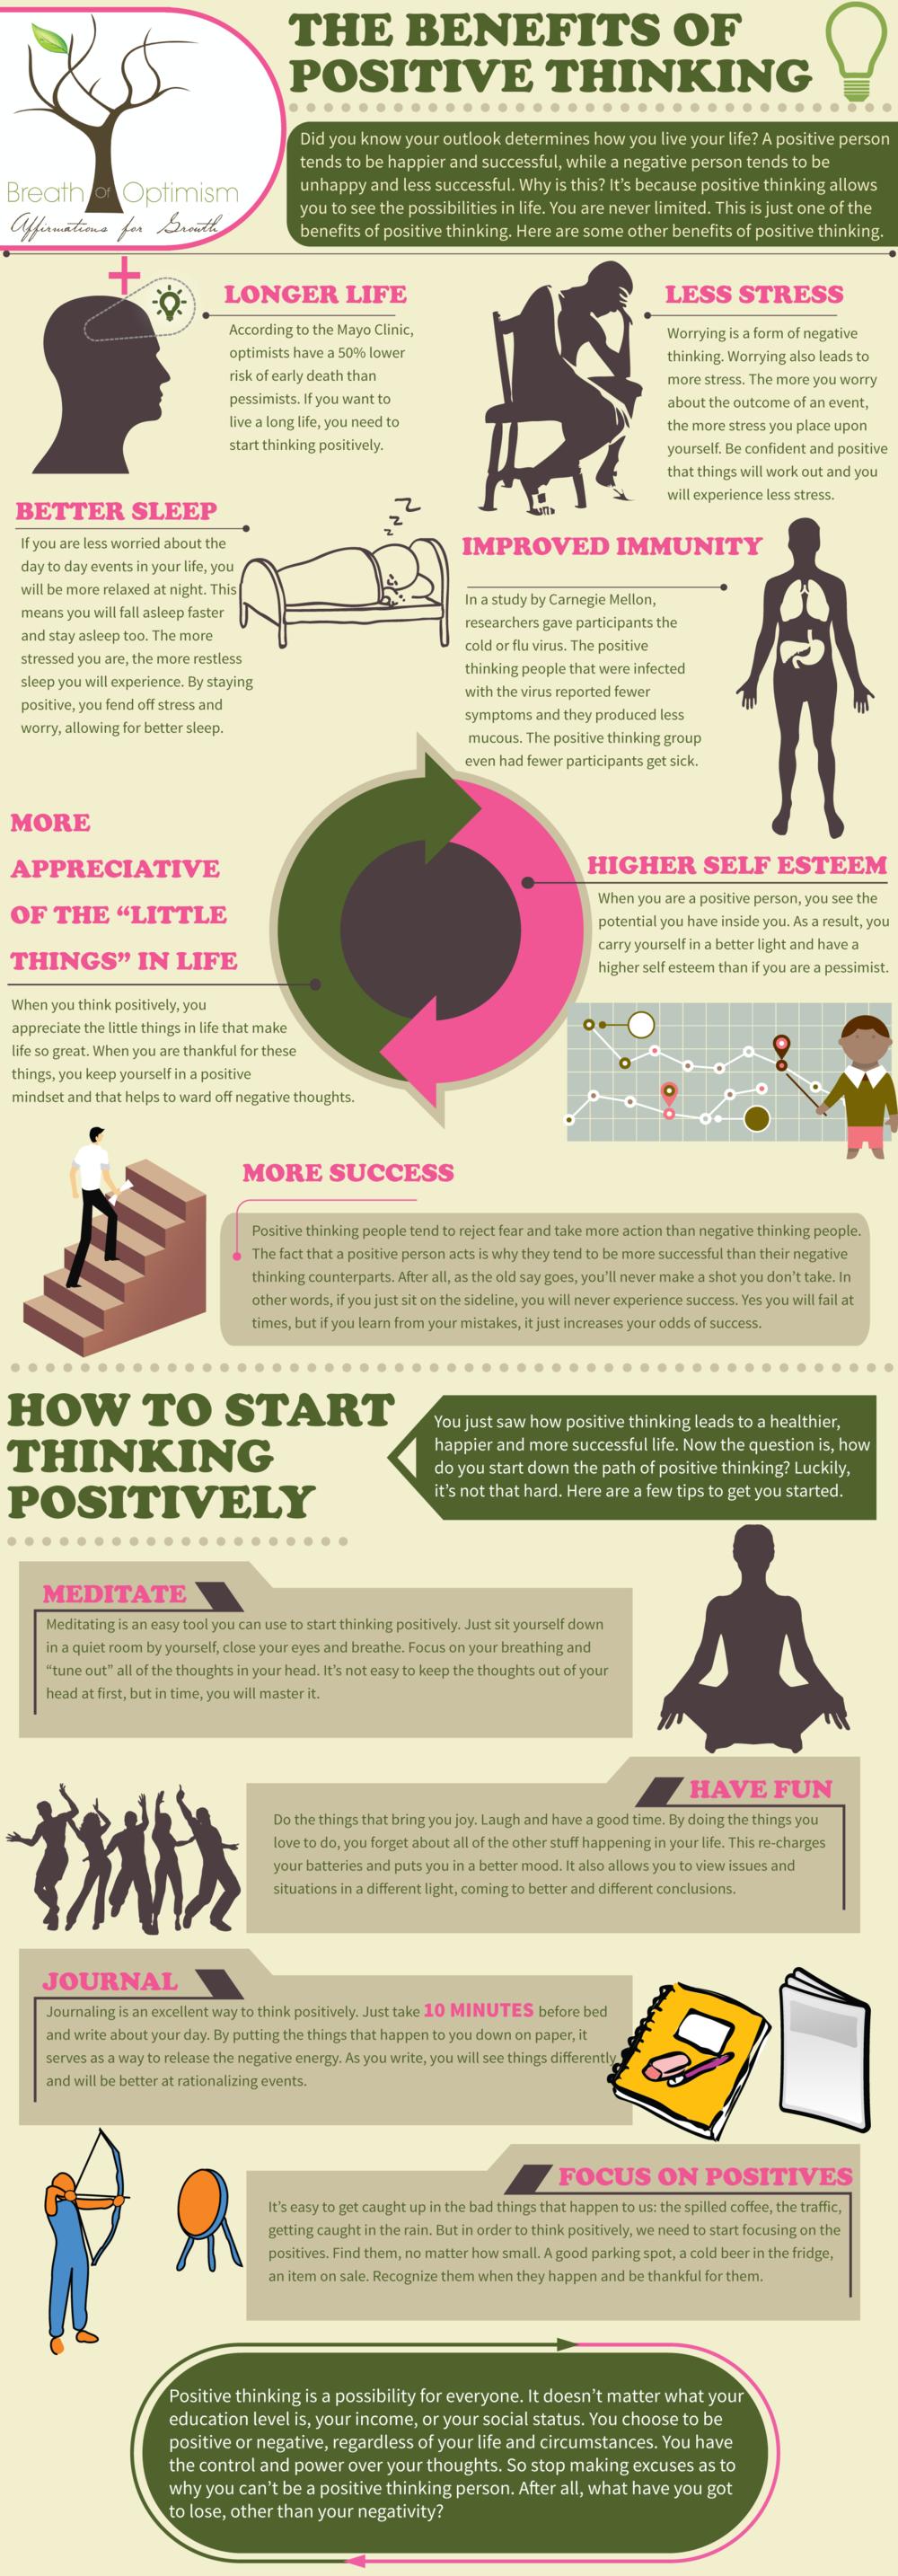 Infographic credit:Breathofoptimism.com